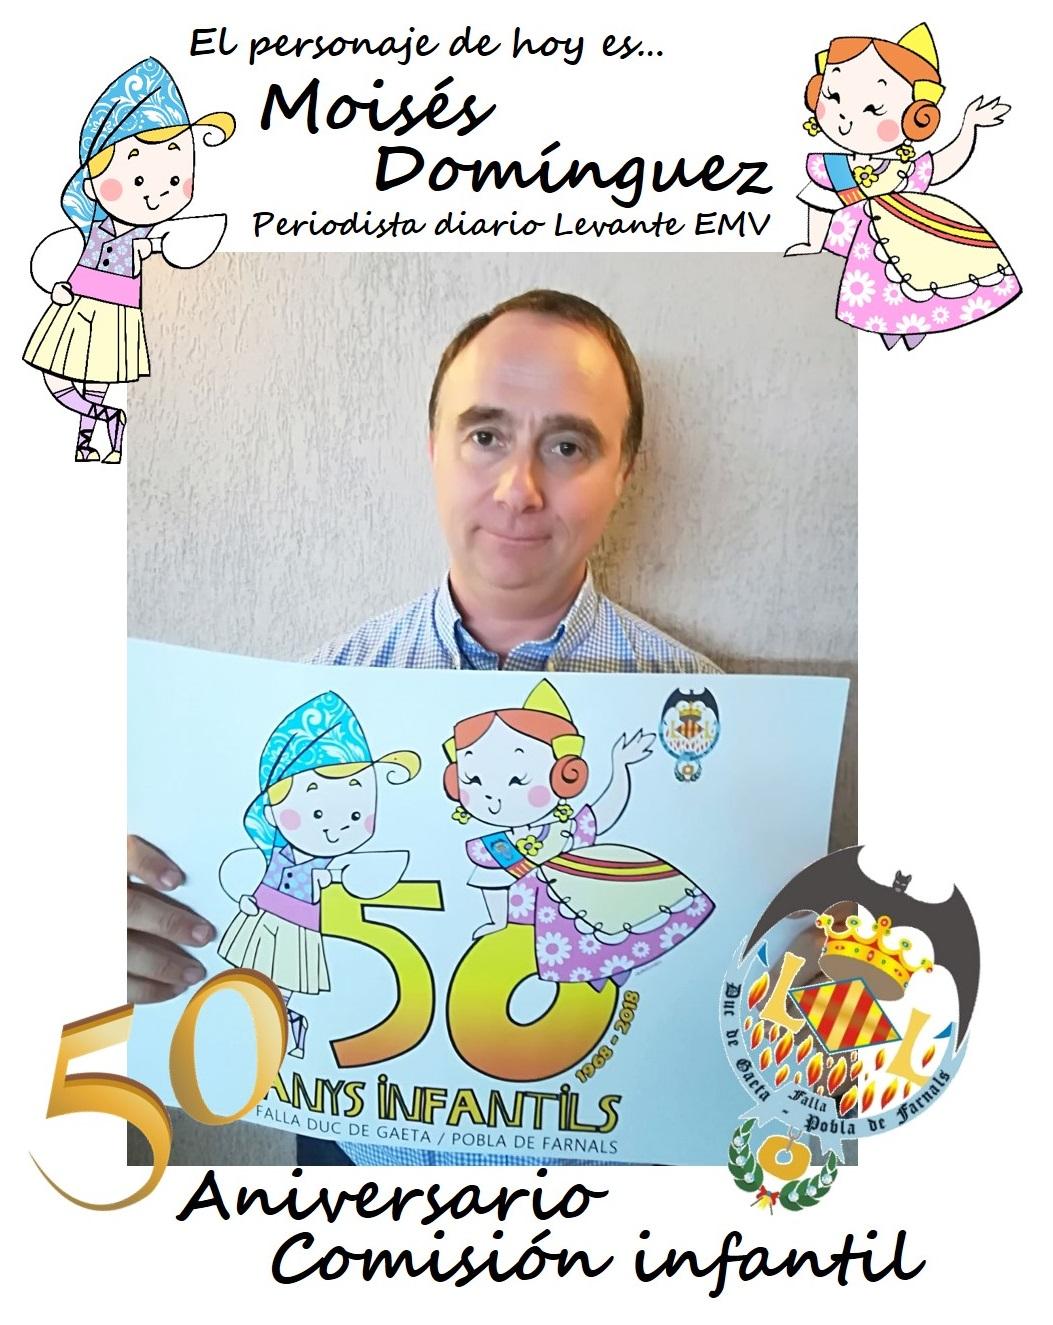 Moisés Domínguez